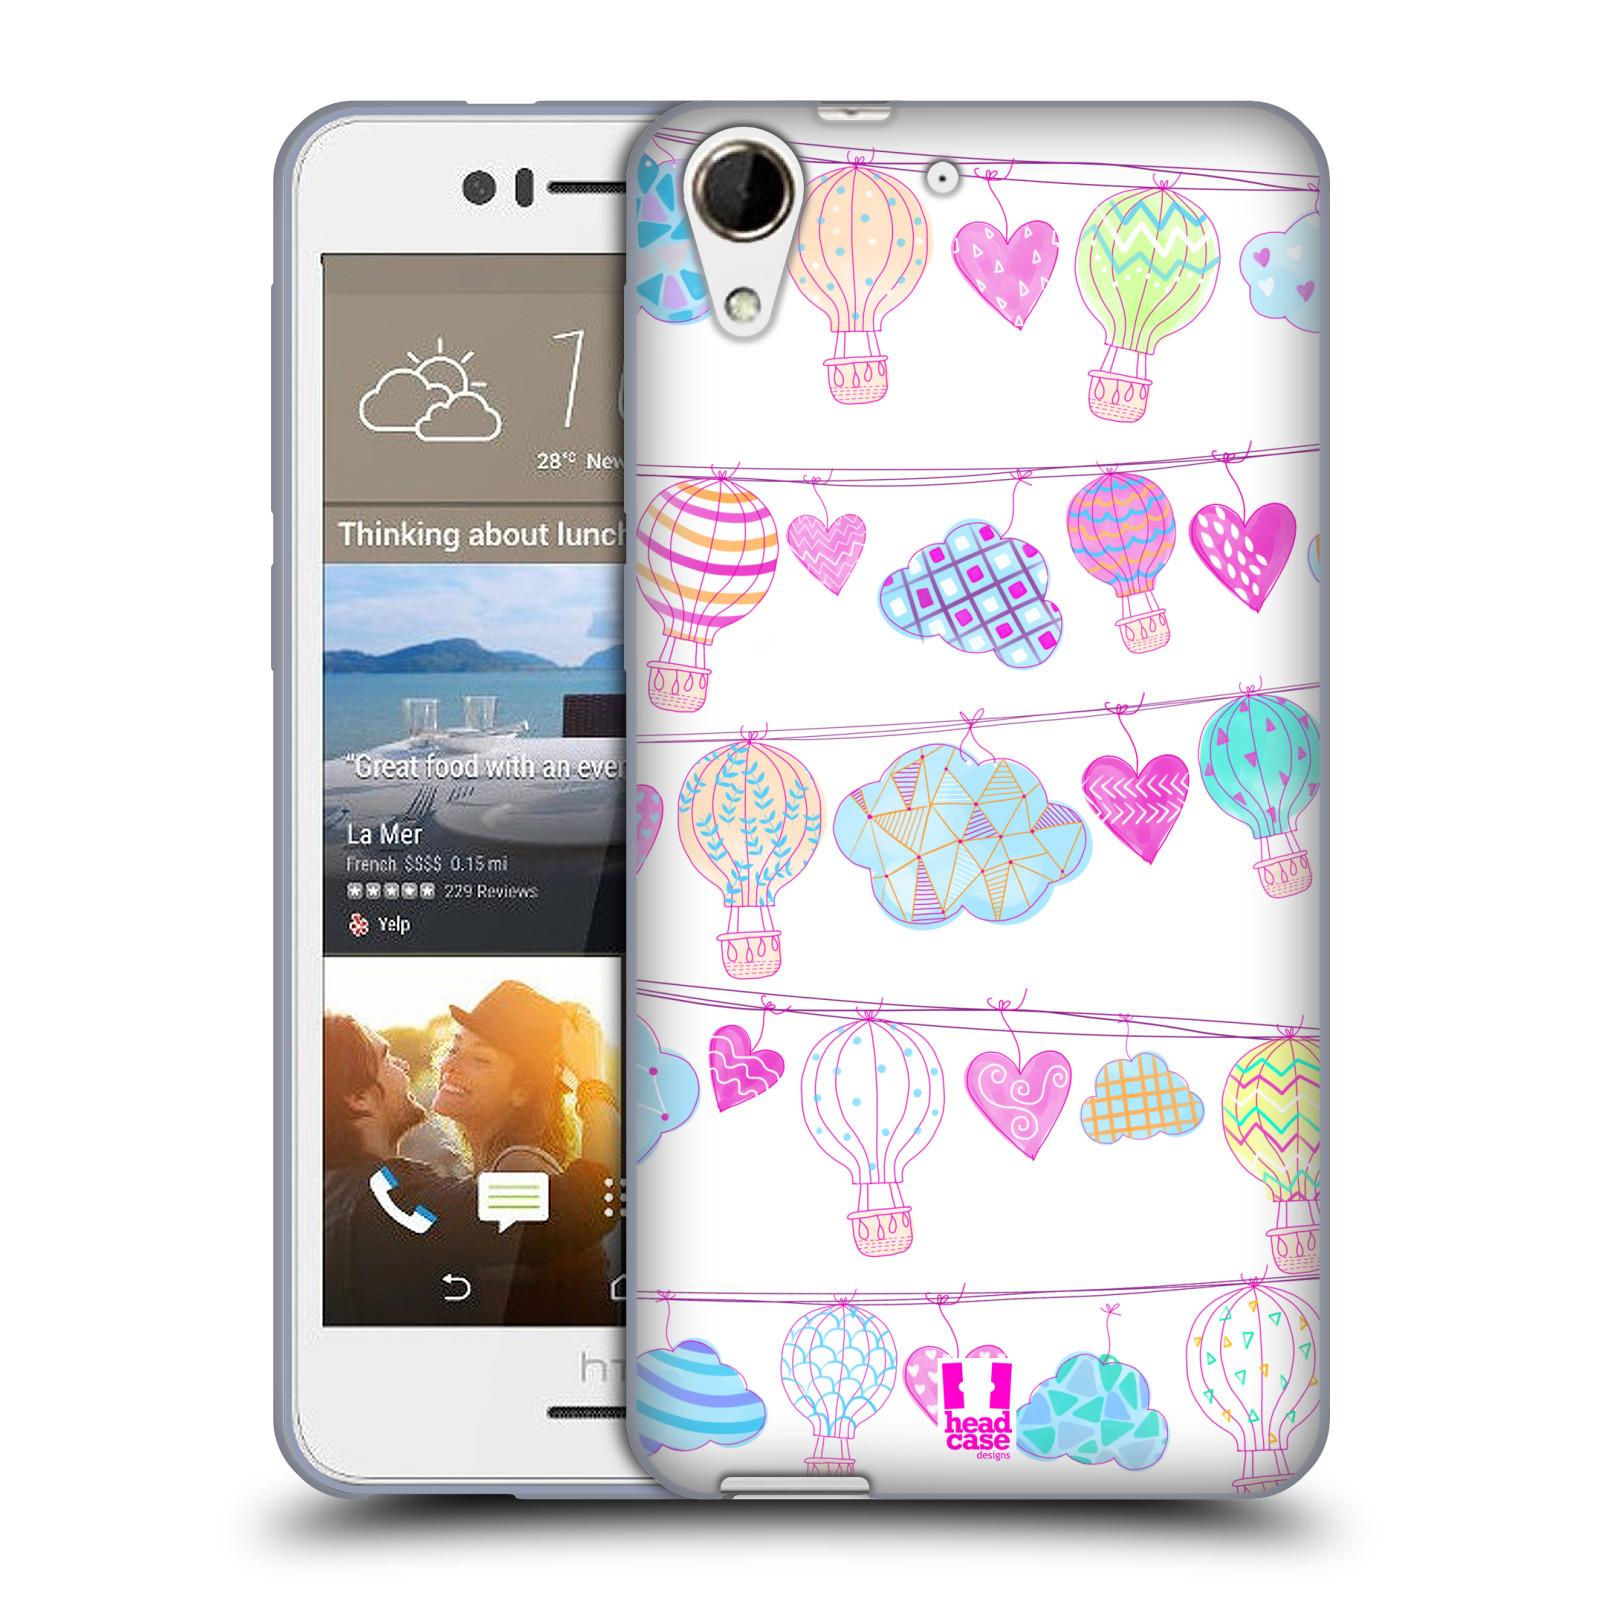 Silikonové pouzdro na mobil HTC Desire 728G Dual SIM HEAD CASE Balóny a srdíčka (Silikonový kryt či obal na mobilní telefon HTC Desire 728 G Dual SIM)